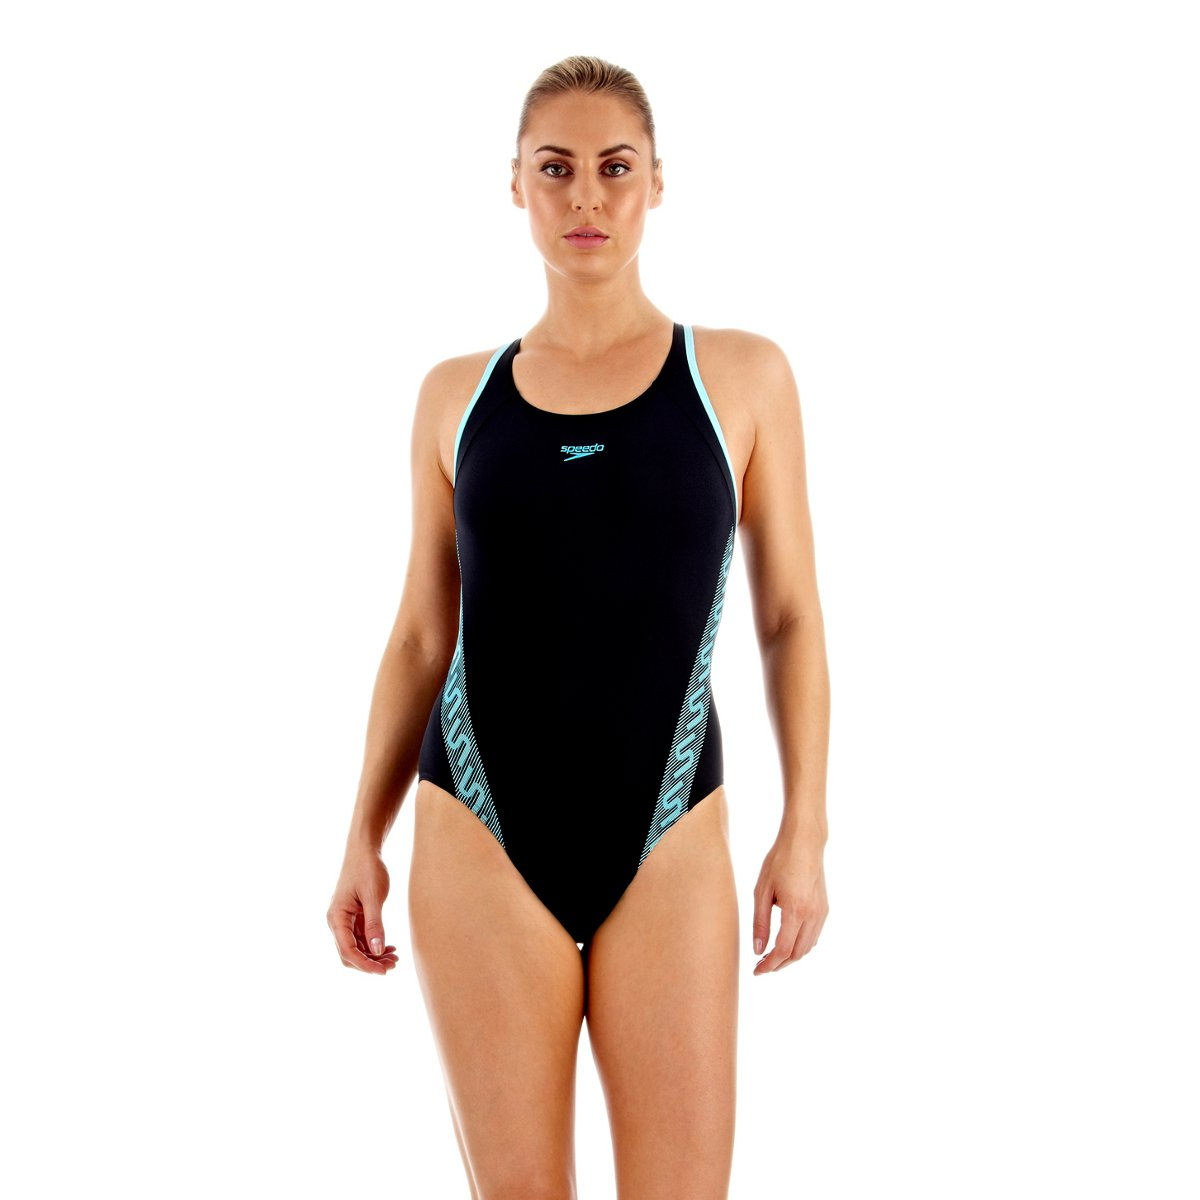 Speedo Monogram Muscleback Maillot de bain Femme